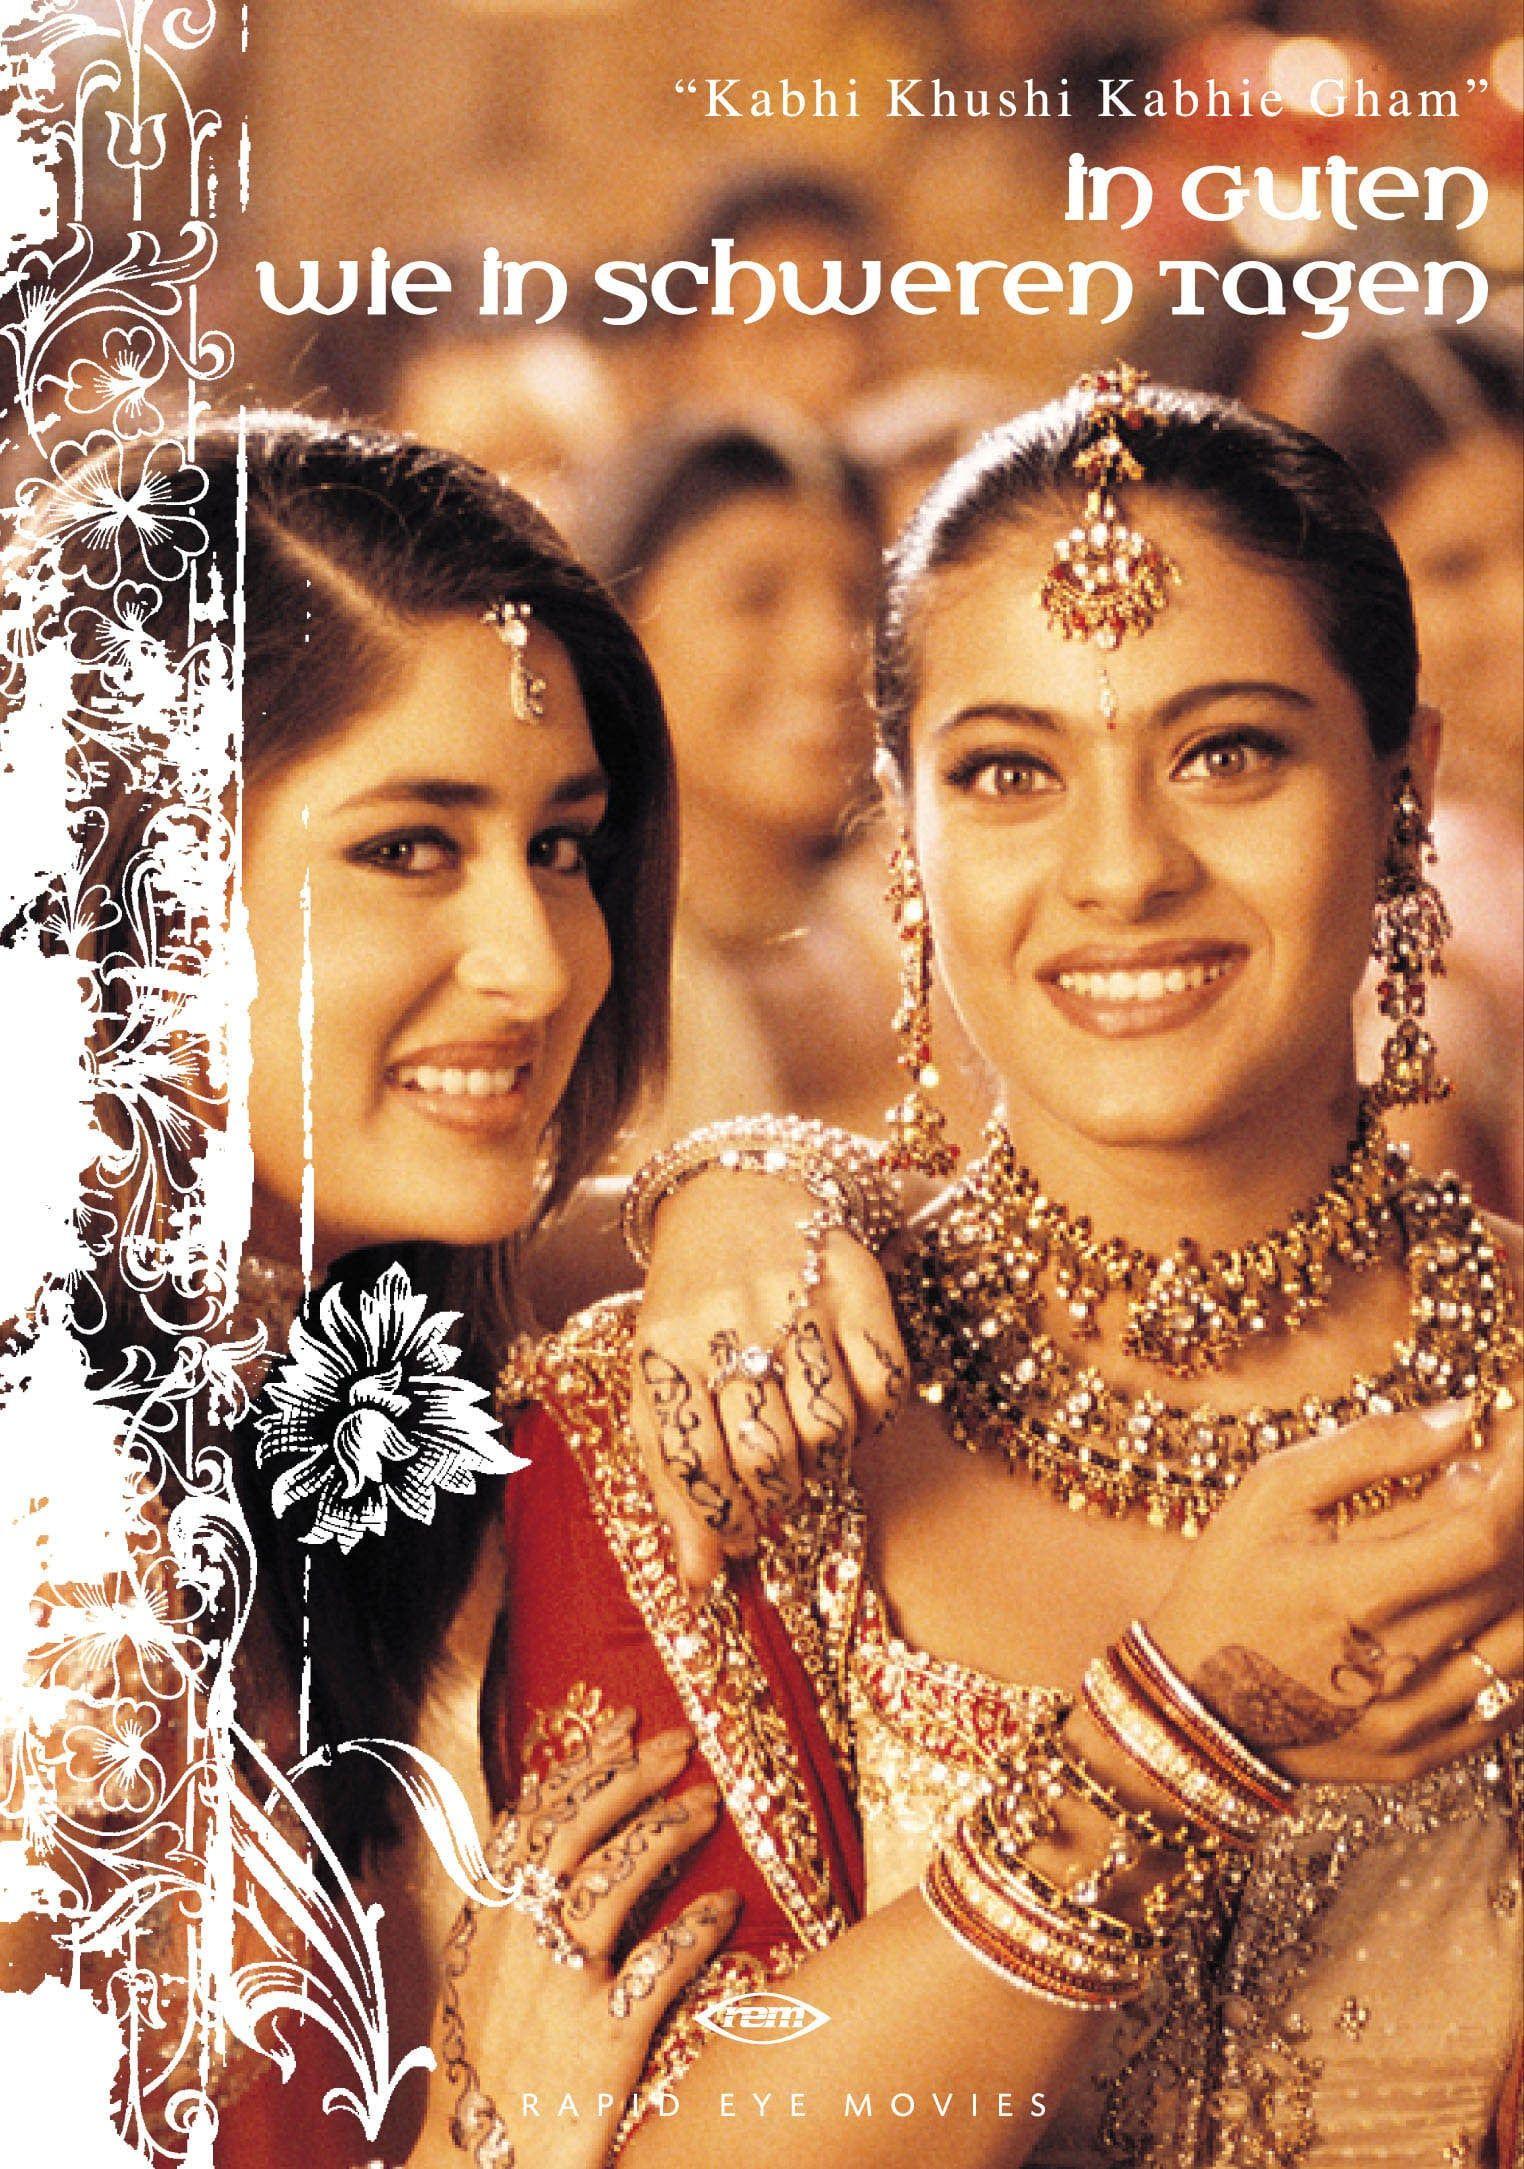 Kabhi khushi kabhi gham full movie english